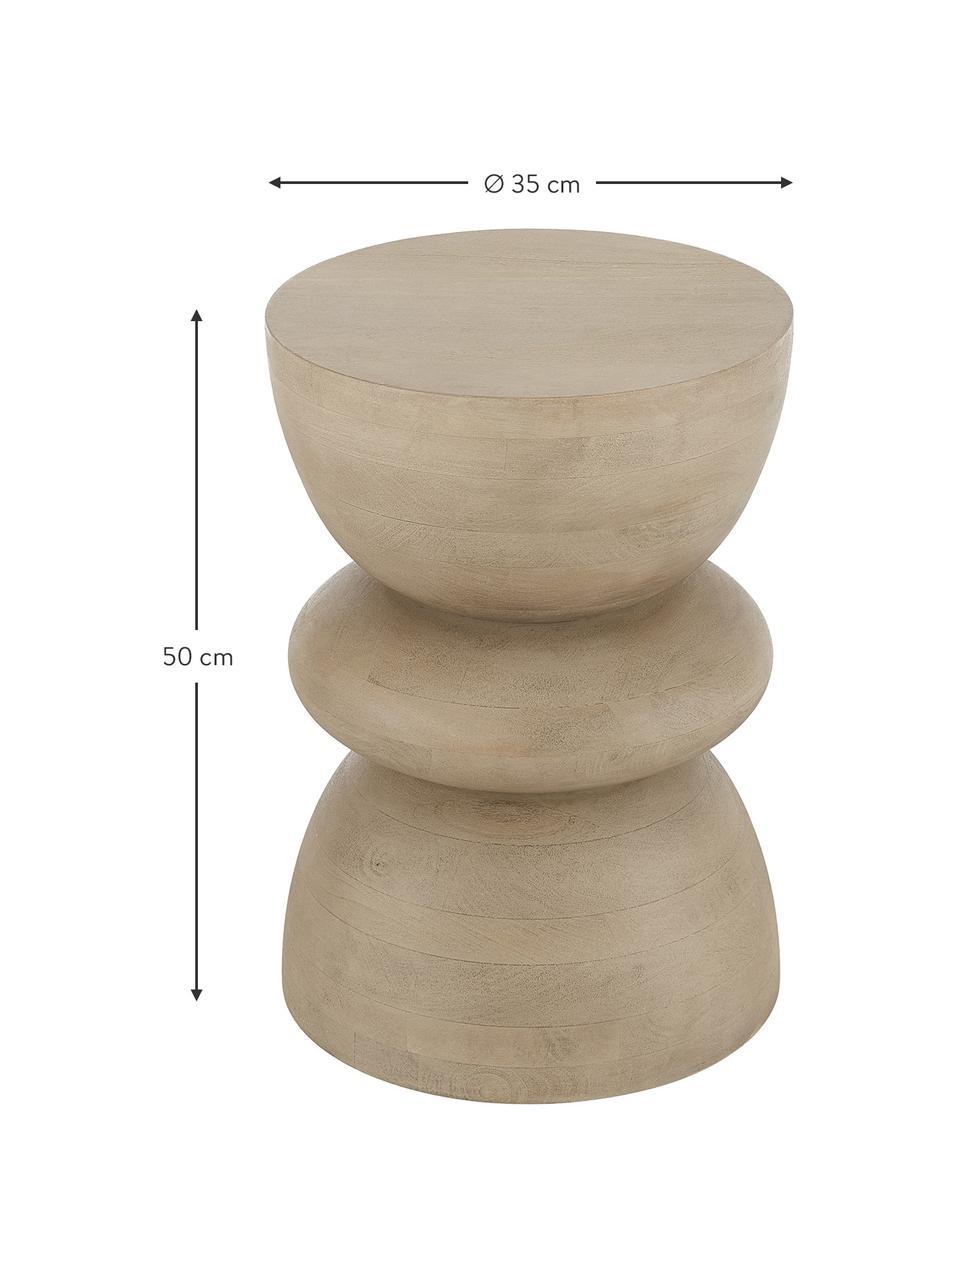 Beistelltisch Benno aus Mangoholz in Hellbraun, Massives Mangoholz, lackiert, Hellbraun, ∅ 35 x H 50 cm